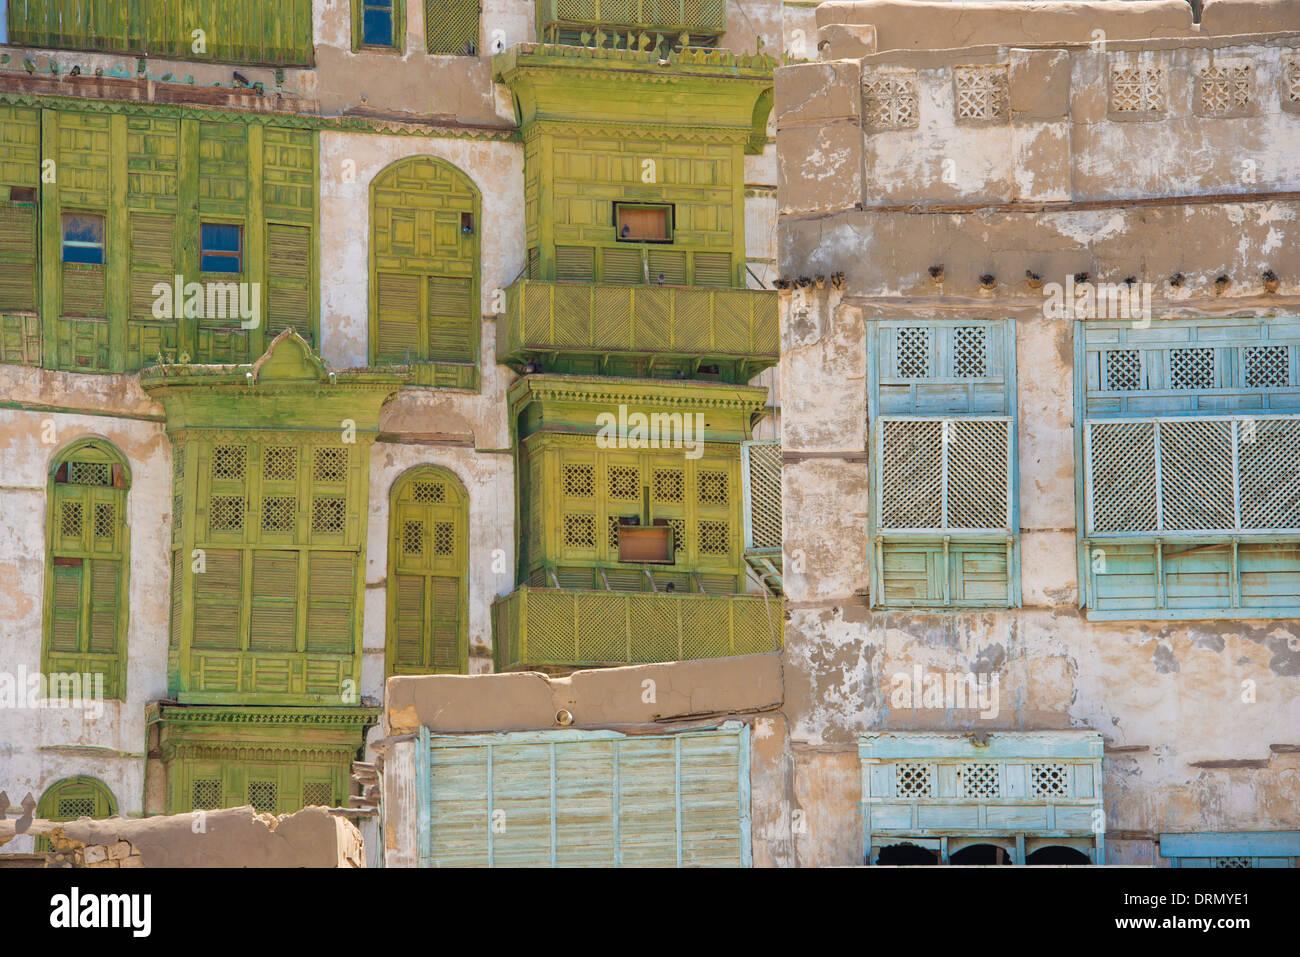 Détail des bâtiments en Al-Balad (vieille ville) Jeddah, Arabie saoudite Site du patrimoine mondial de l'UNESCO Photo Stock